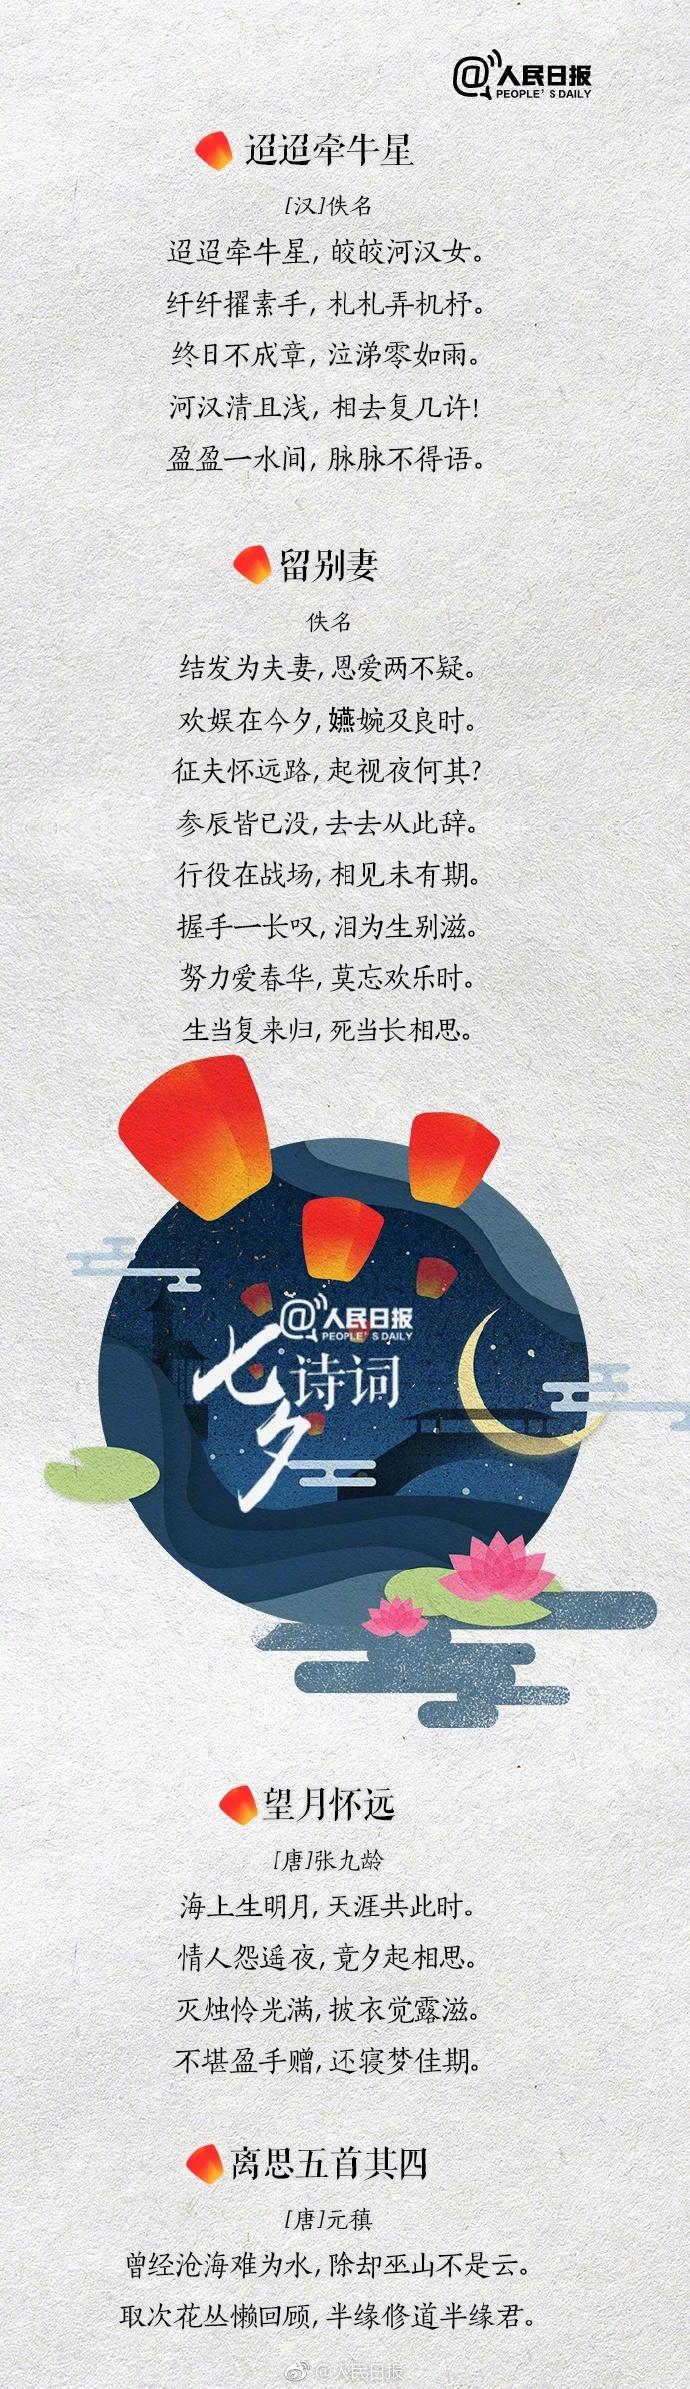 七夕节诗词 - 向阳花开 - 向阳花开